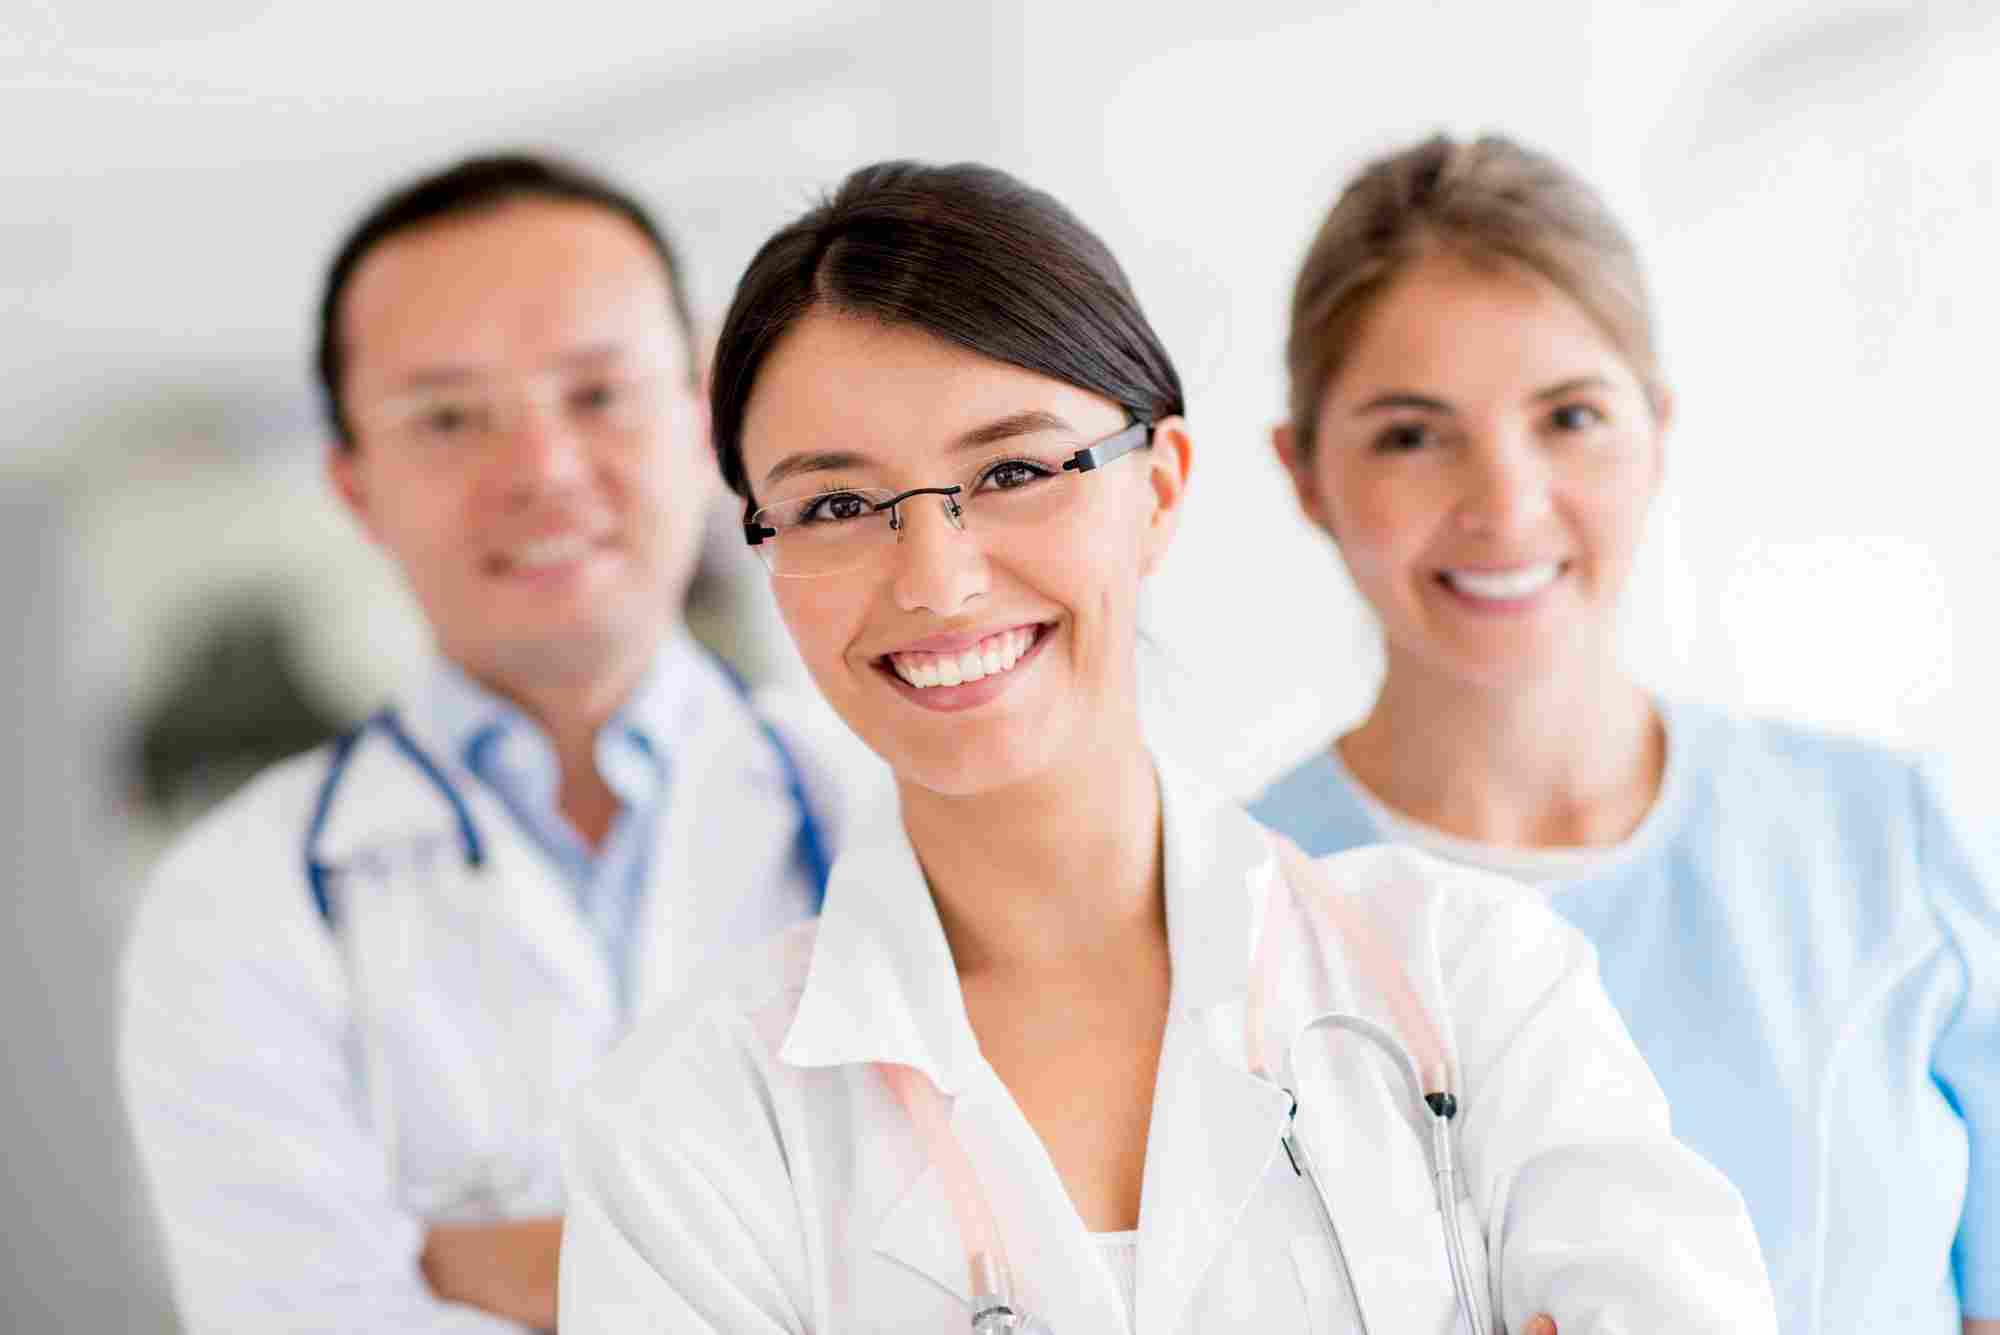 https://cirurgiadeobesidade.med.br/wp-content/uploads/2015/12/doctors.jpg